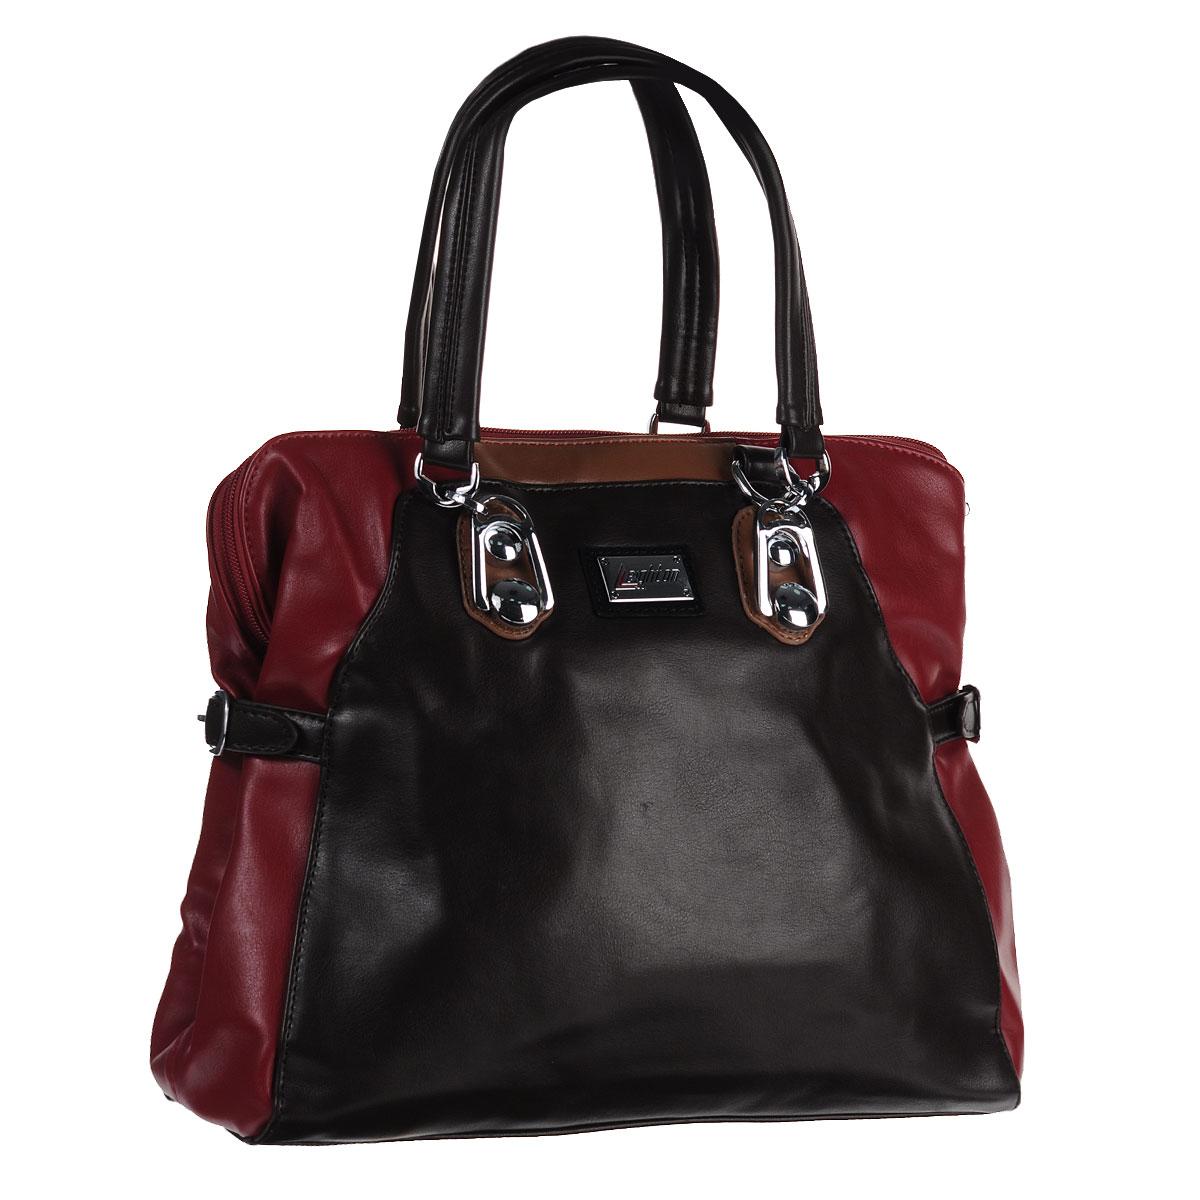 Сумка женская Leighton, цвет: коричневый, бордовый. 11090-201/1166/619/1166/20611090-201/1166/619/1166/2Стильная миниатюрная сумка Leighton выполнена из высококачественной искусственной кожи с отделкой контрастного цвета. По бокам сумка декорирована ремешками. Сумка имеет одно вместительное отделение, закрывающееся на застежку-молнию. Внутри - смежный карман на молнии, вшитый кармашек на молнии и два накладных кармана для мелочей. С внешней стороны на задней стенке сумки расположен вшитый карман на молнии. Сумка оснащена двумя ручками, позволяющими носить ее на плече. В комплекте чехол для хранения и съемный плечевой ремень. Фурнитура - серебристого цвета. Сумка - это стильный аксессуар, который подчеркнет вашу индивидуальность и сделает ваш образ завершенным. Классическое цветовое сочетание, стильный декор, модный дизайн - прекрасное дополнение к гардеробу модницы.